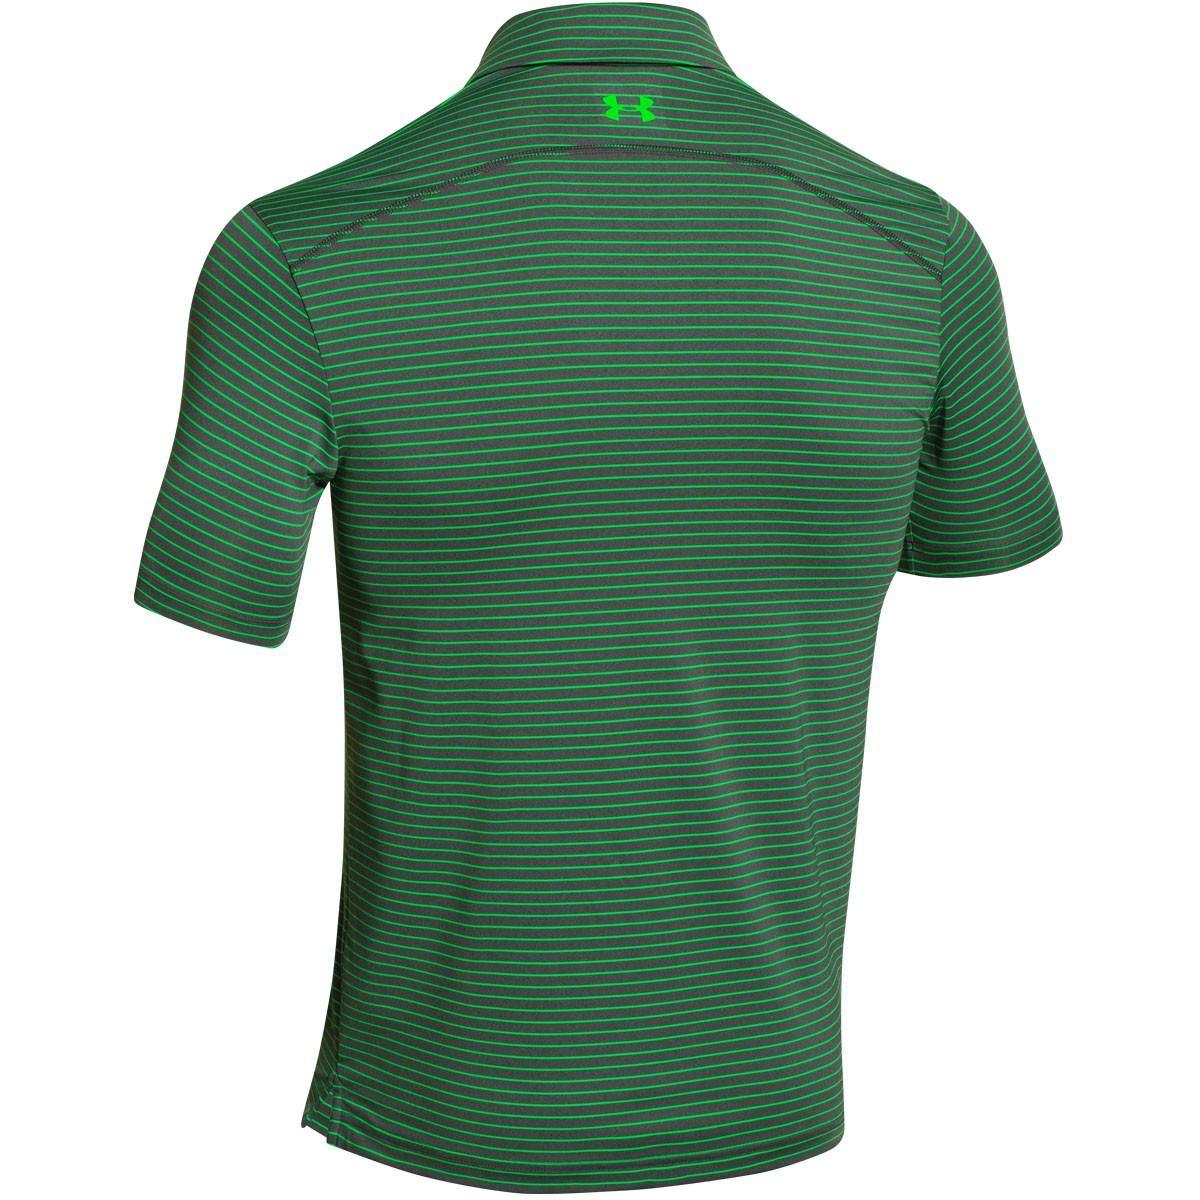 86d9b52f7ab camisa under armour polo playoff - 1253479-091. Carregando zoom.